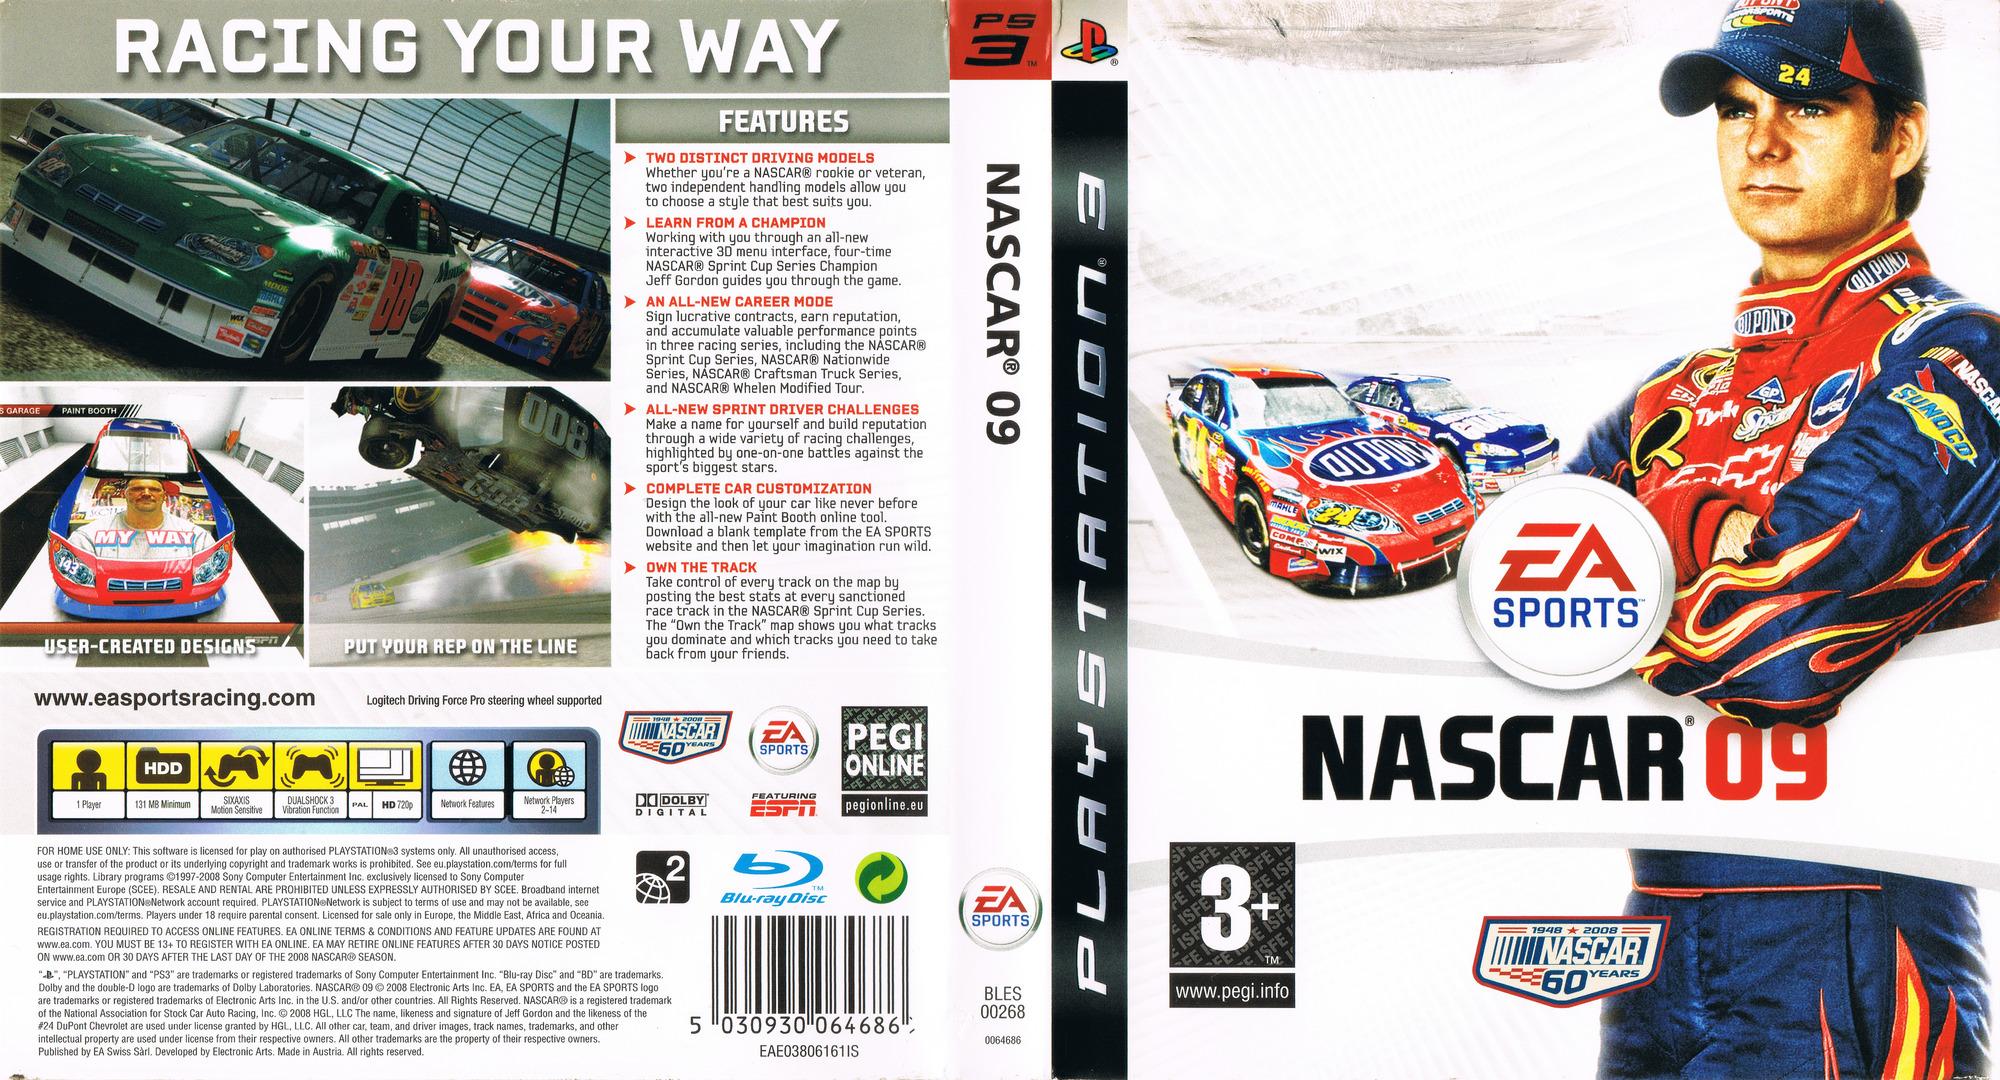 Nascar Racing Games >> BLES00268 - Nascar 09